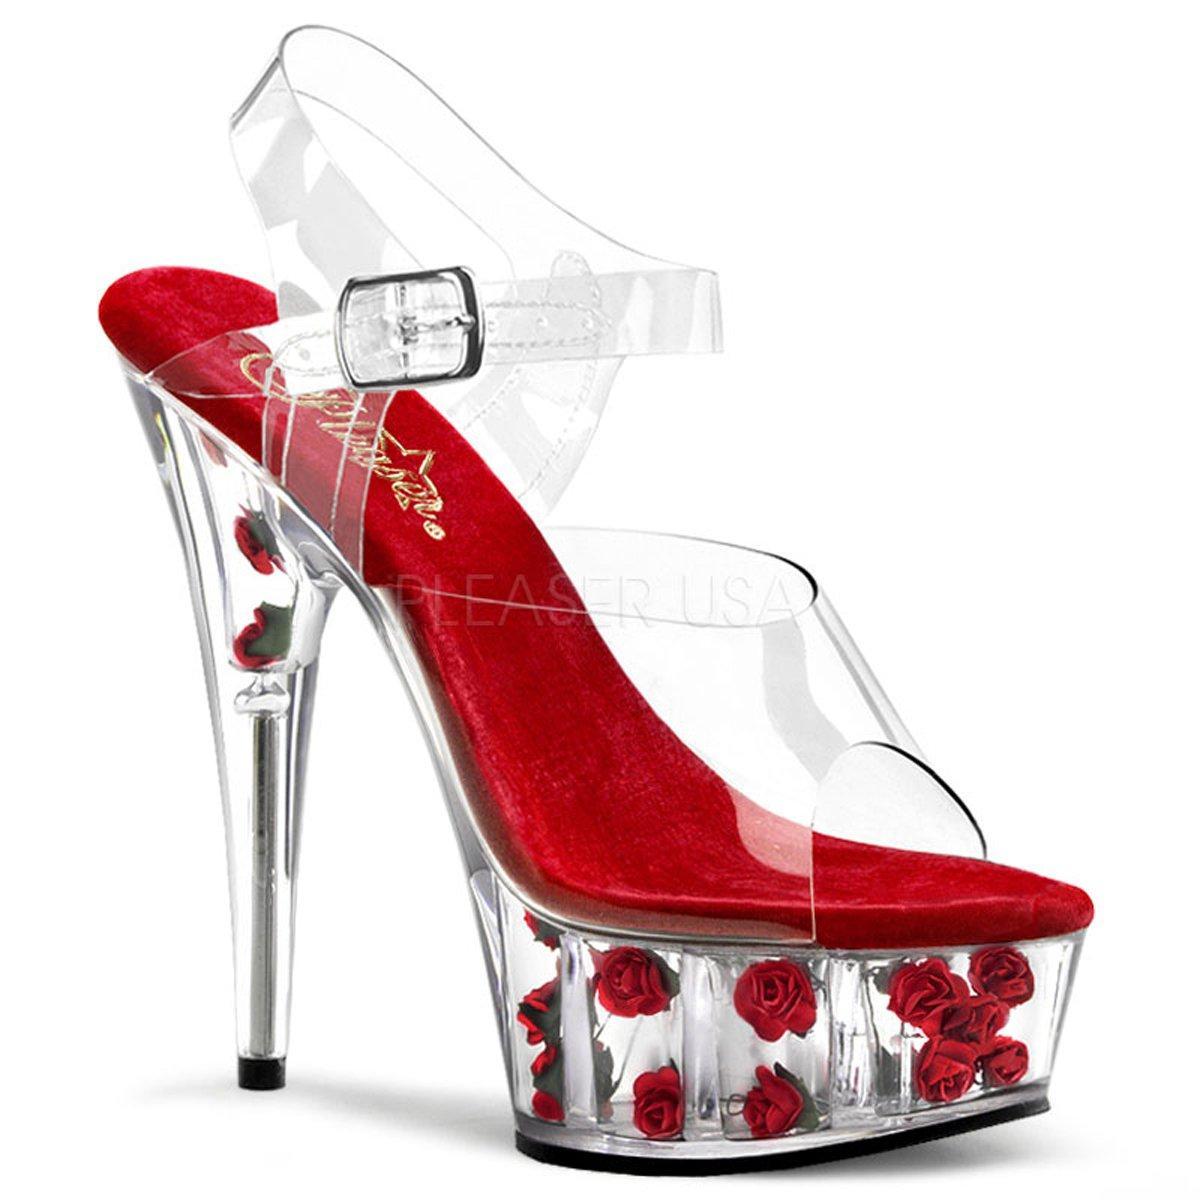 DELIGHT-608FL Průhledné sandálky na vysokém podpatku s červenou stélkou a  růžemi uvnitř platformy 3de2036908